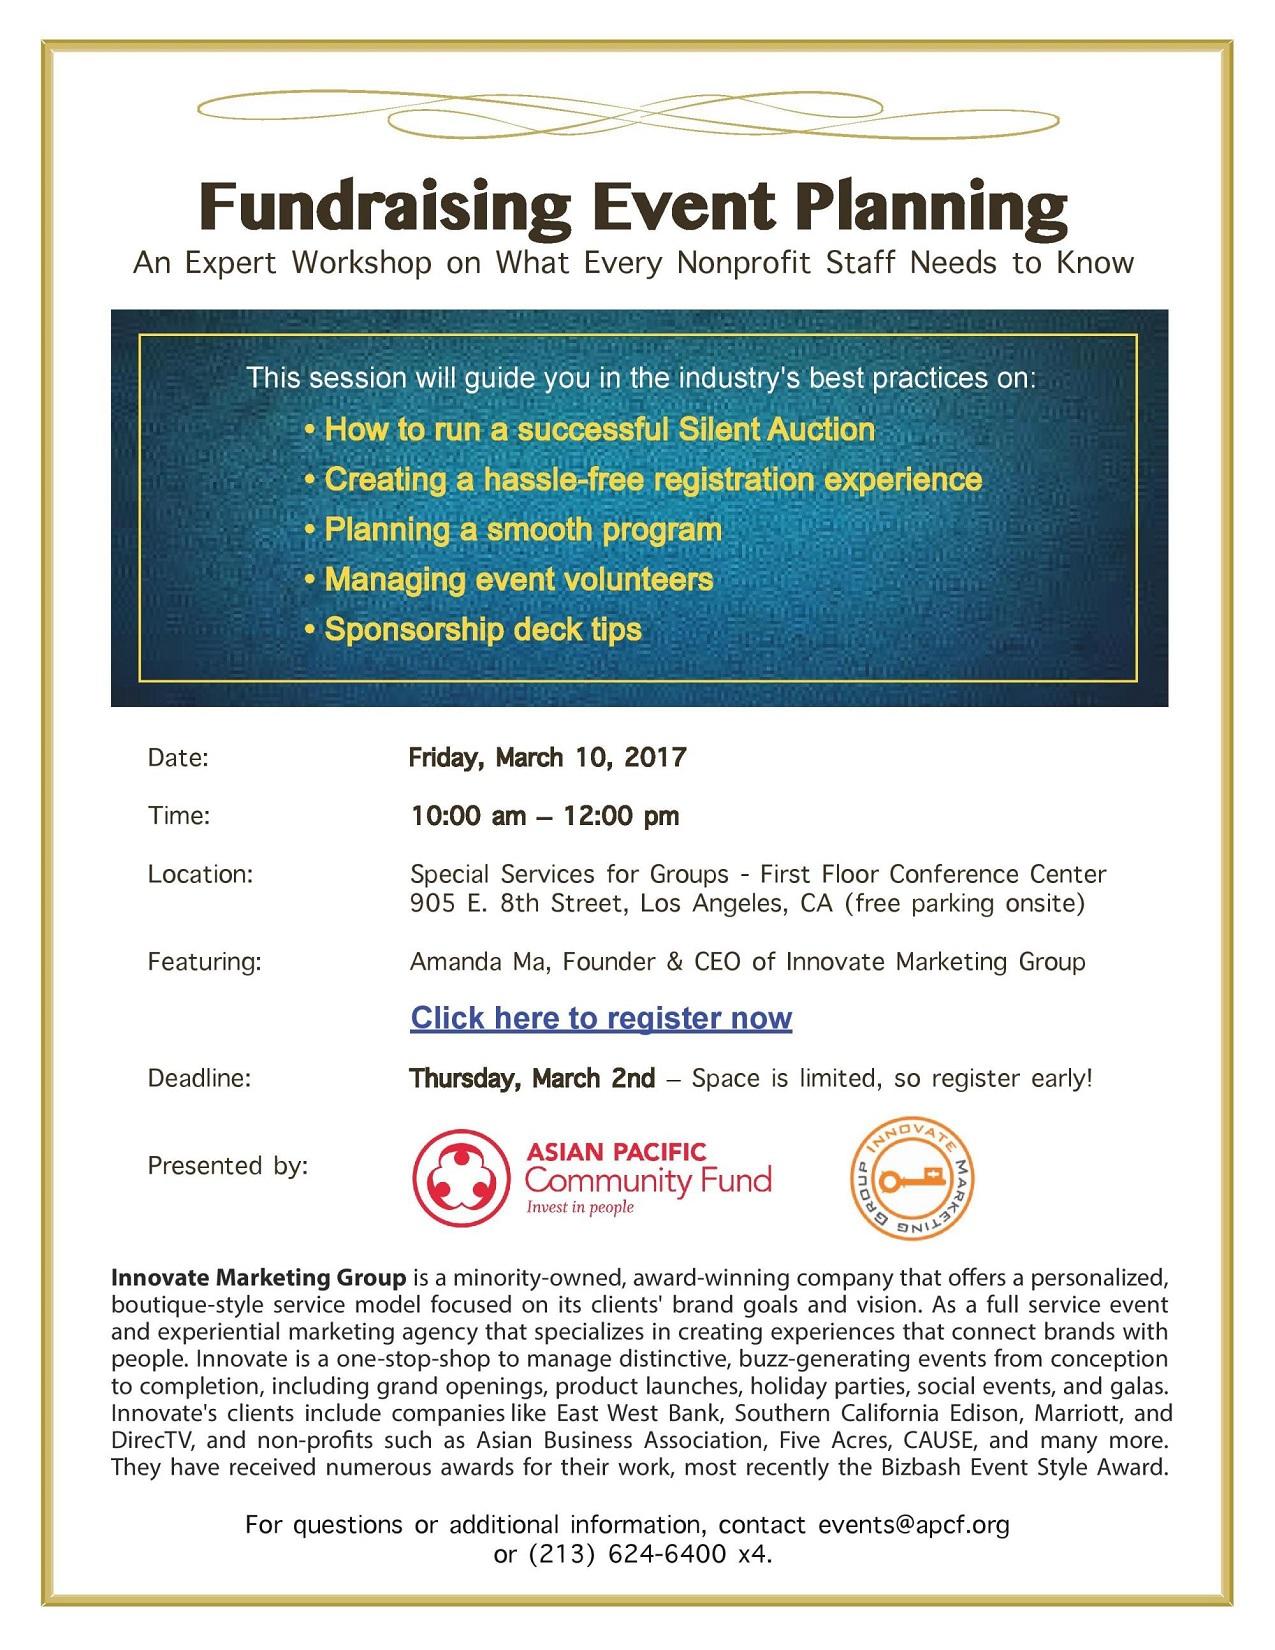 Final-Event-Planning-Flier.jpg